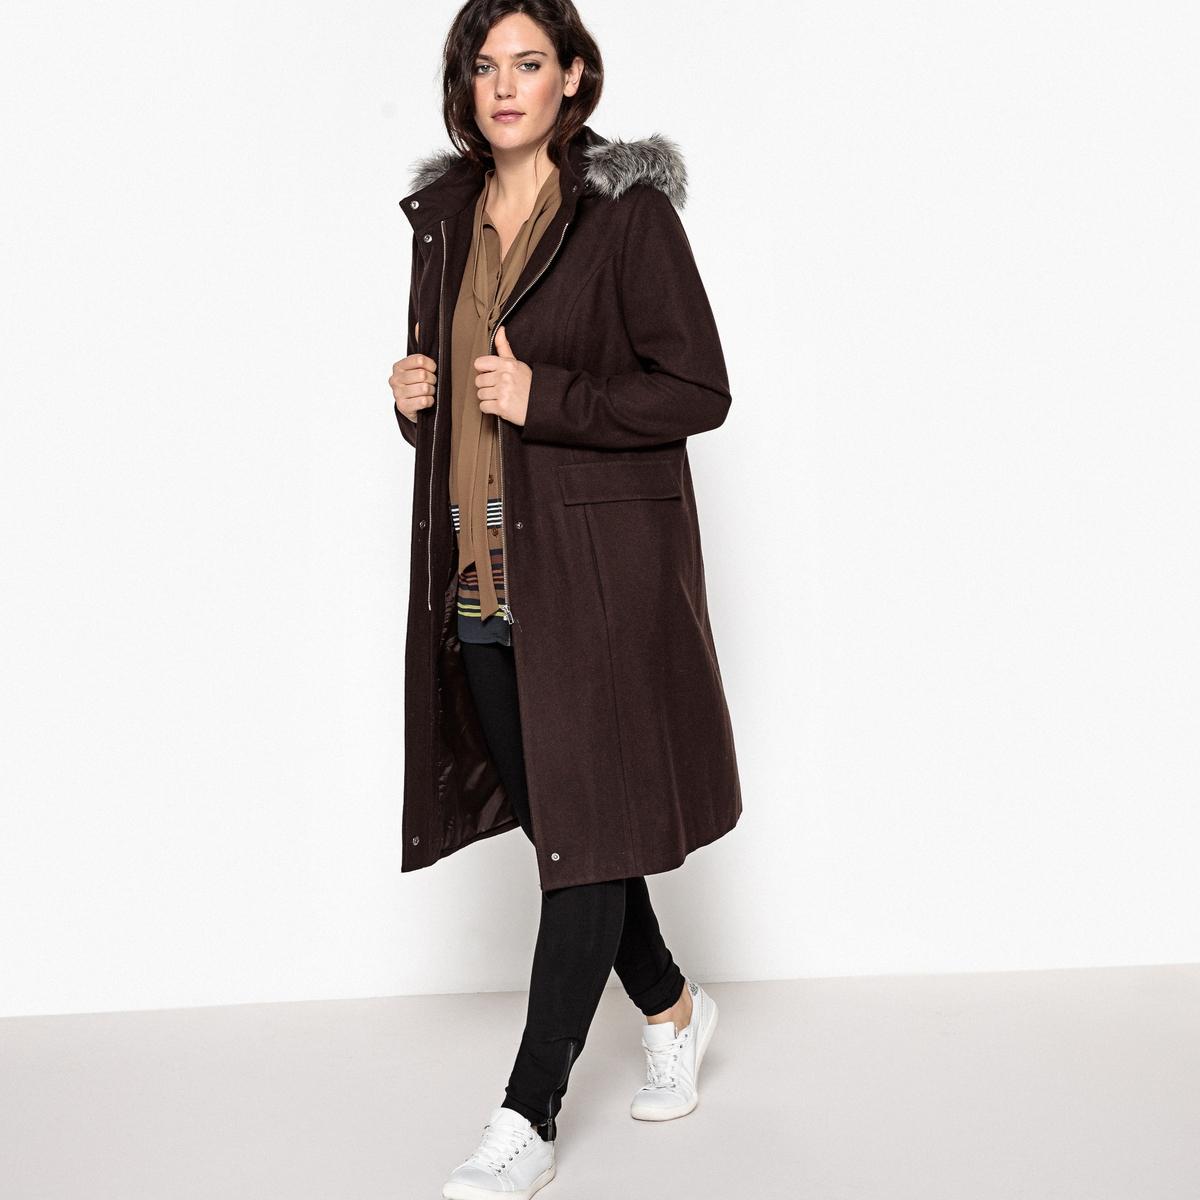 Пальто с капюшоном из искусственного мехаОписание:Вам захочется закутаться в это длинное пальто с капюшоном, которое защитит вас в любую непогоду. Пальто с капюшоном из шерстяного драпа незаменимо в вашем гардеробе.Детали •  Длина : удлиненная модель •  Капюшон •  Застежка на молнию •  С капюшоном Состав и уход •  60% шерсти, 1% полиамида, 39% полиэстера •  Подкладка : 100% полиэстер • Не стирать • Низкая температура глажки / не отбеливать   •  Не использовать барабанную сушку  •  Деликатная сухая чисткаТовар из коллекции больших размеров •  Супатная застежка на молнию и кнопки  •  2 кармана с клапанами •  Капюшон с опушкой из искусственного меха. •  Длина : 106 см.<br><br>Цвет: серый меланж,шоколадный<br>Размер: 54 (FR) - 60 (RUS).50 (FR) - 56 (RUS).46 (FR) - 52 (RUS).48 (FR) - 54 (RUS)